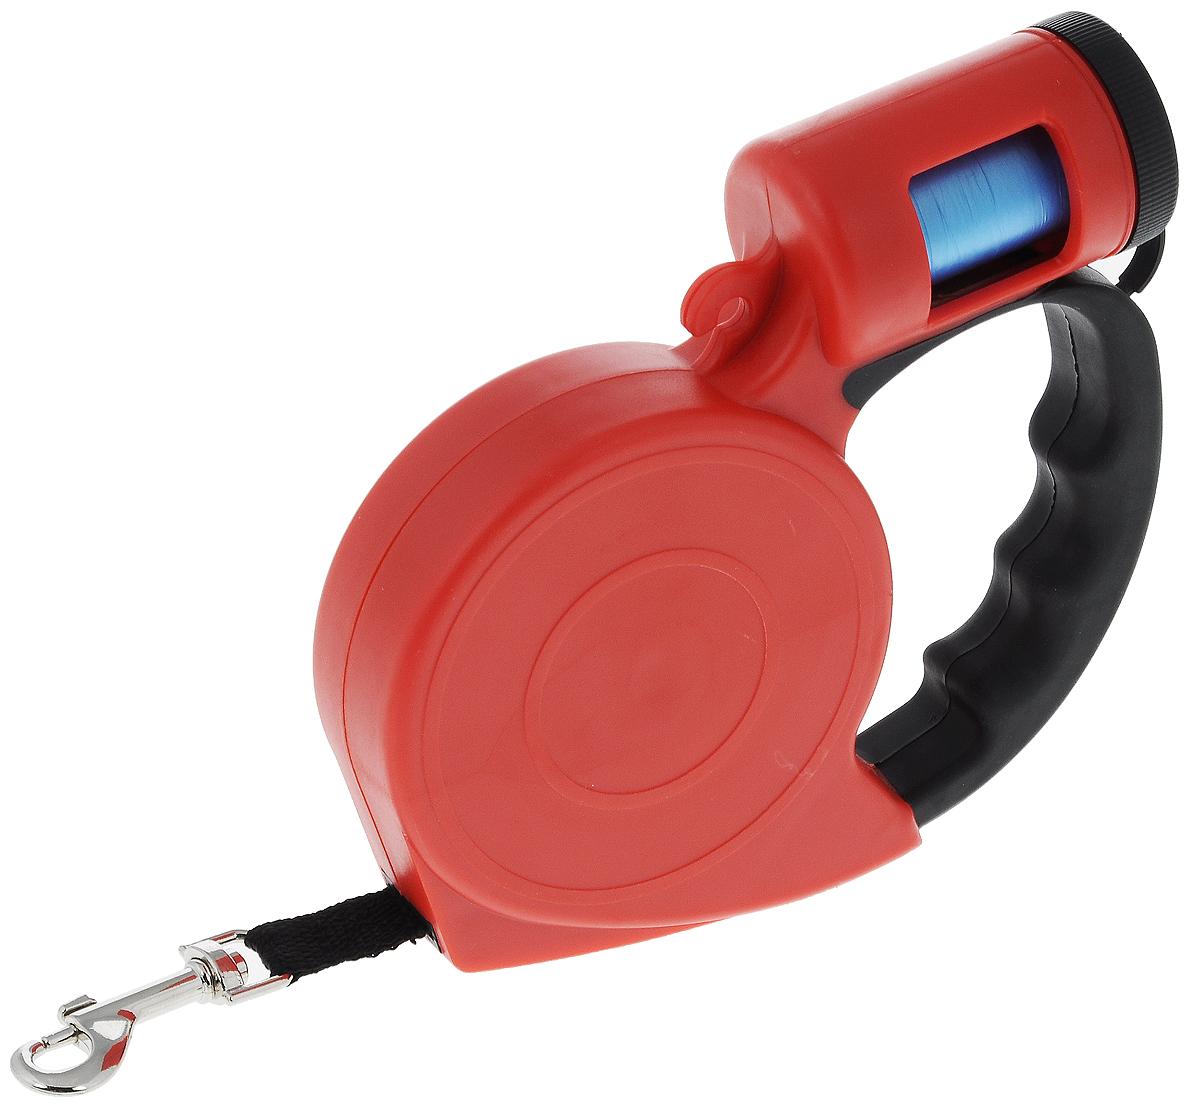 Поводок-рулетка Pet Fun, с диспенсером для гигиенических пакетов, 5 мYL24525Поводок-рулетка Pet Fun, выполненный из пластика, обеспечит безопасность вам и вашему любимцу. Благодаря специальному покрытию ручки и надежному замку вы сможете полностью контролировать свою собаку на прогулке.Теперь вам не придется за ней бегать. Вы можете просто ослабить фиксатор, и лента будет вытягиваться по всей длине поводка и автоматически приспосабливаться к движениям вашей собаки до того момента, пока вы не нажмете на кнопку блокировки. Изделие оснащено диспансером для гигиенических пакетов. В комплект входит 1 рулон с 20 гигиеническими пакетами, изготовленными из полиэтилена. Они предназначены для уборки за собакой в общественных местах (подъезд, двор, газон, общественный транспорт). Длина поводка: 5 м.